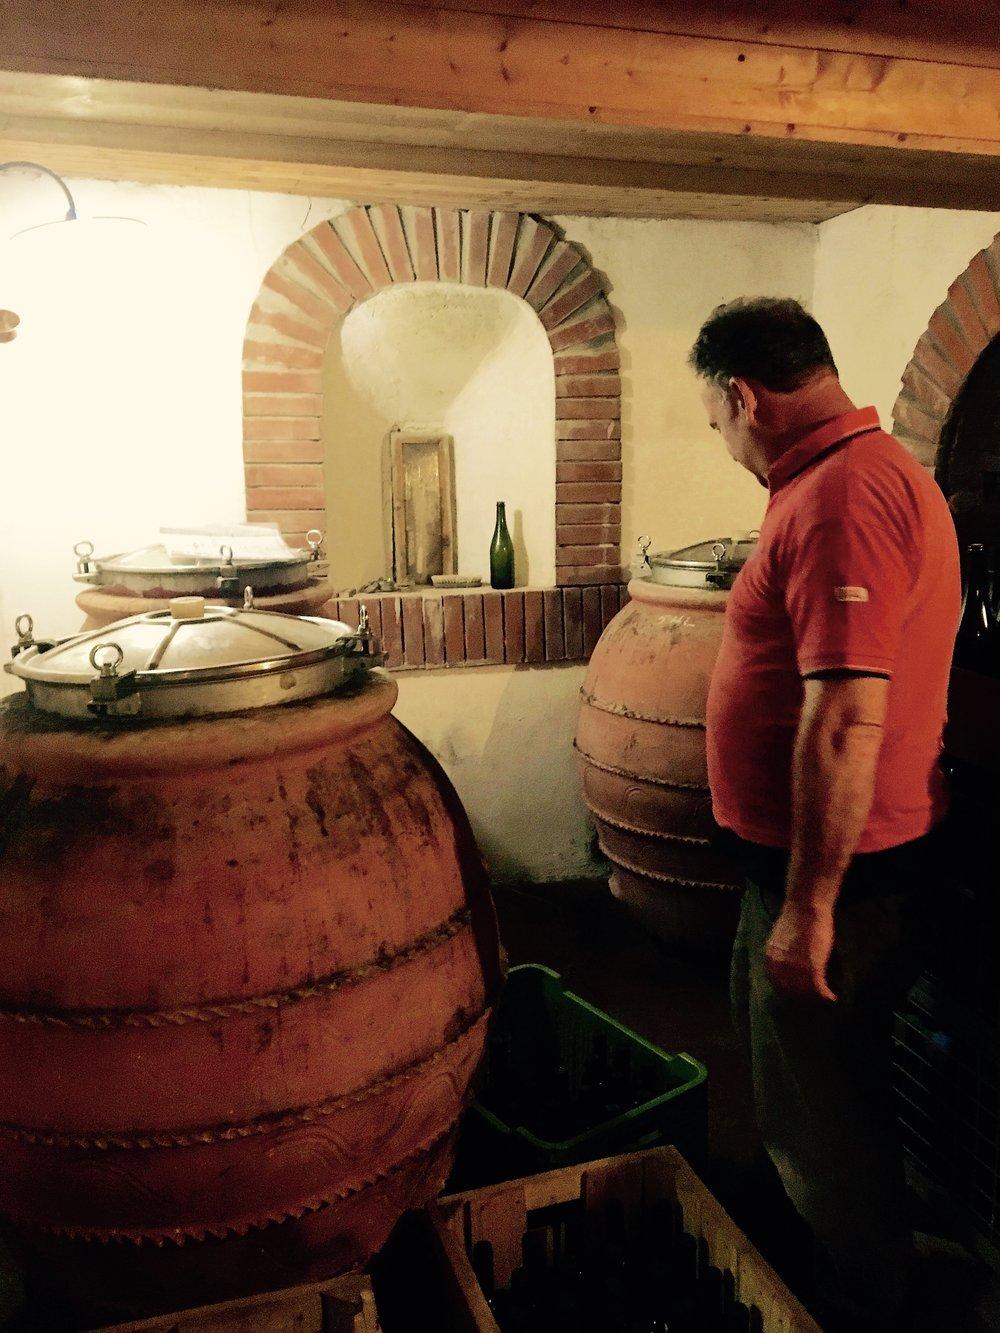 gradizzolo wijn